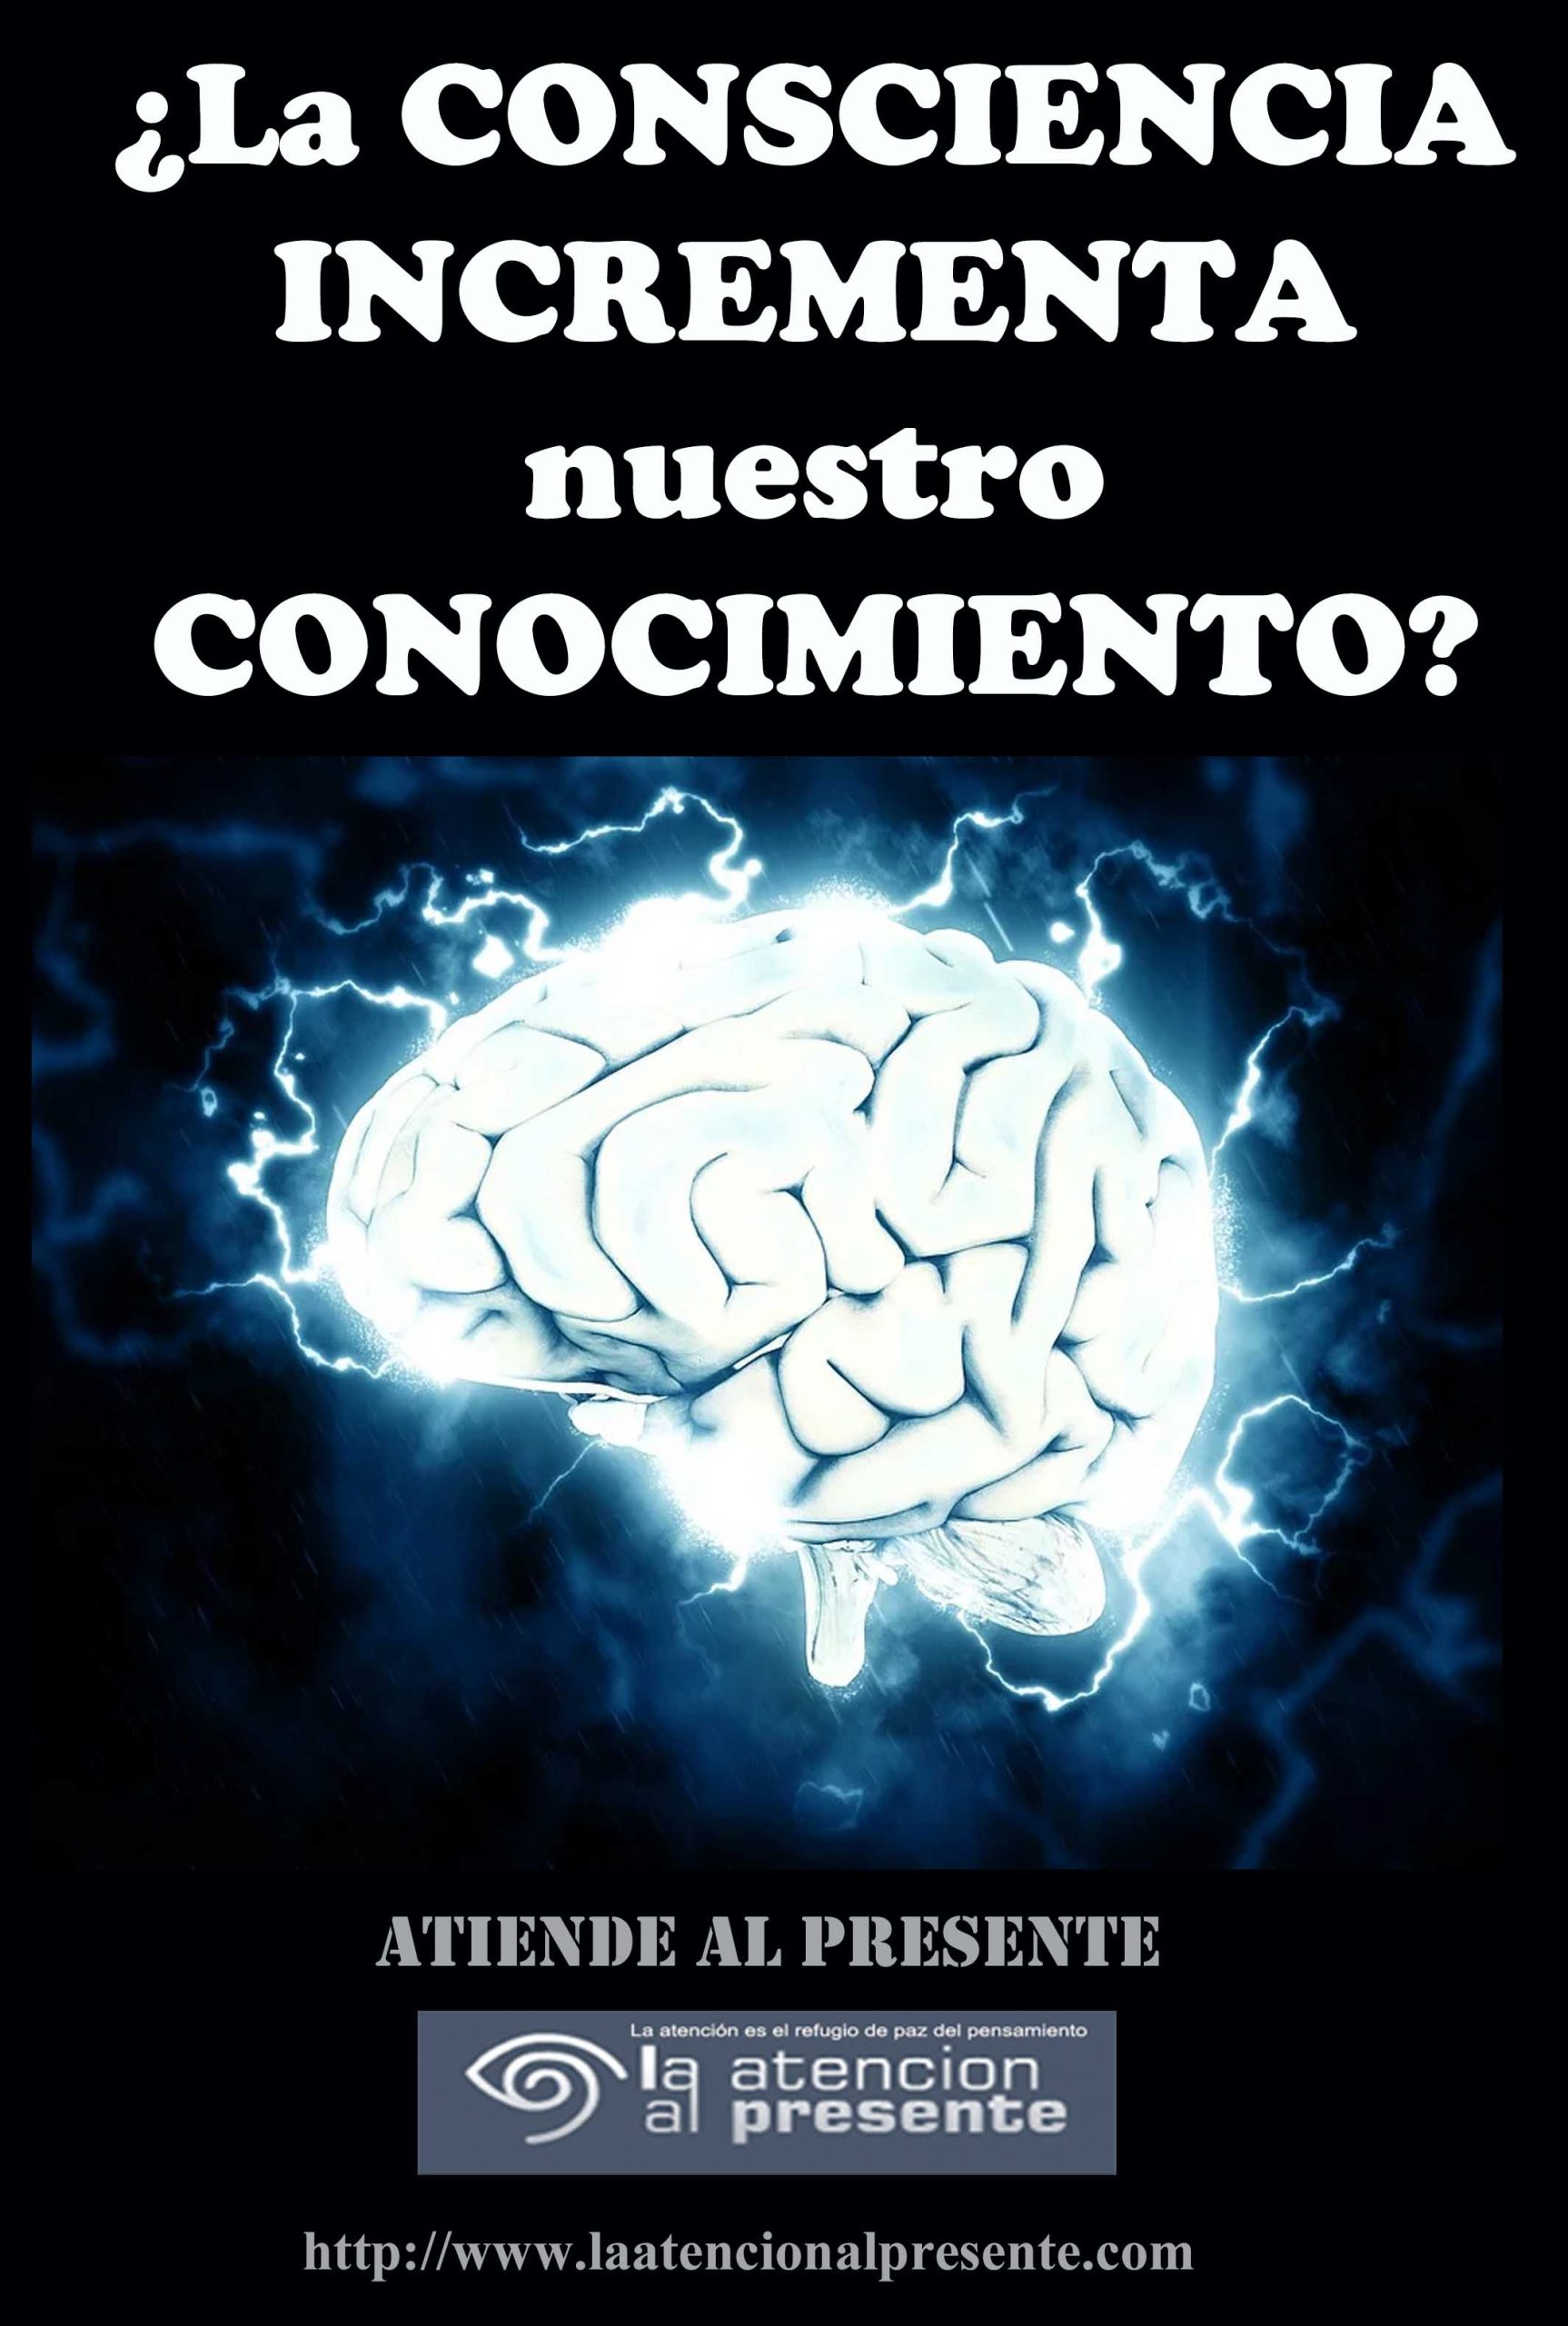 18 de Julio Esteban La CONSCIENCIA INCREMENTA nuestro CONOCIMIENTO min scaled